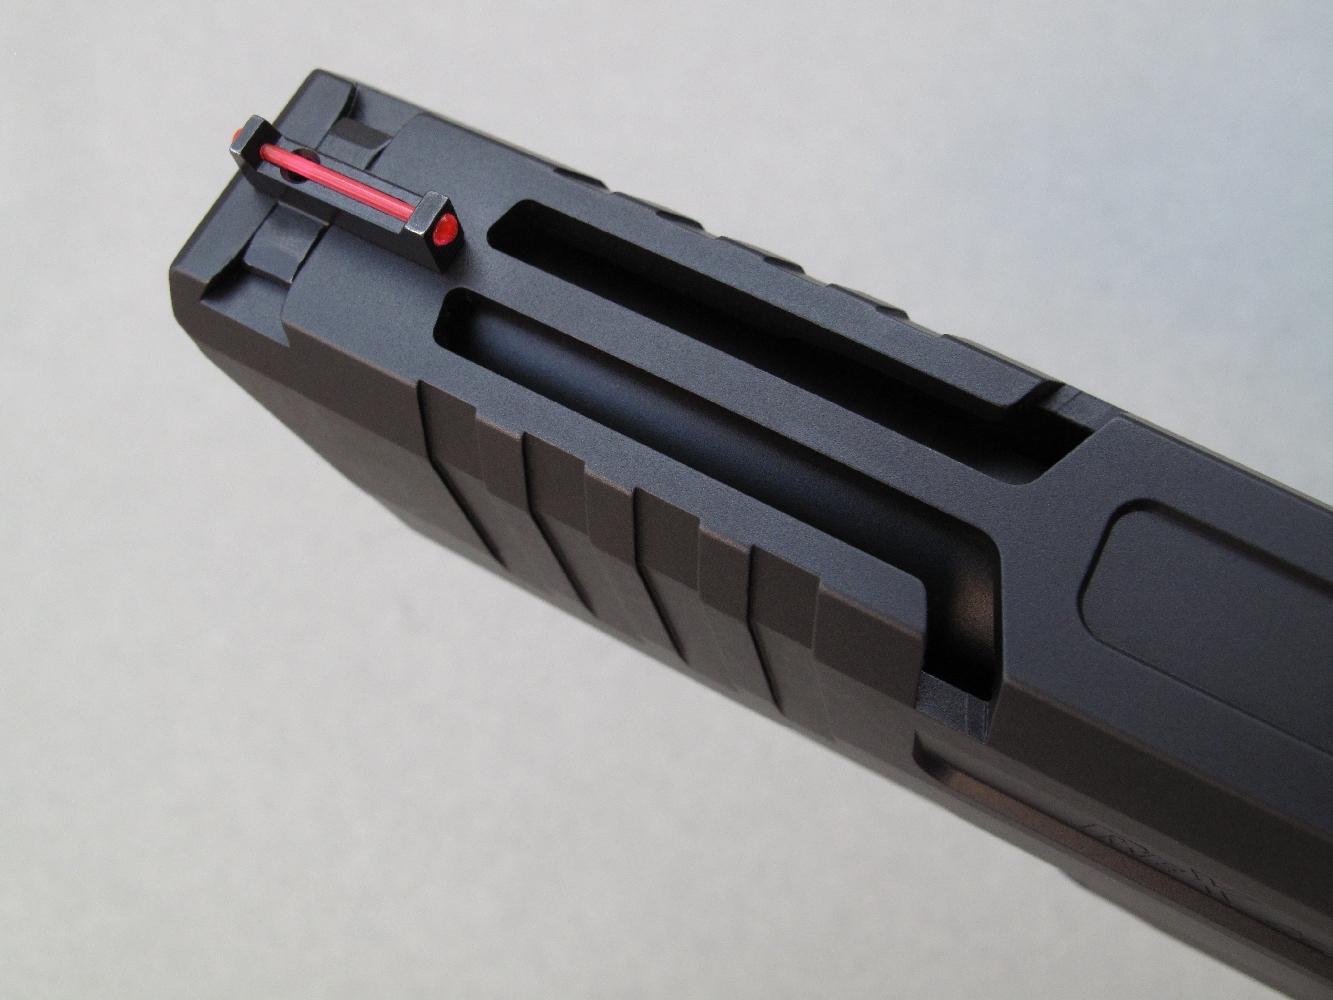 Deux longues découpes sont usinées sur la culasse à glissière dans le but de faciliter le refroidissement du canon.